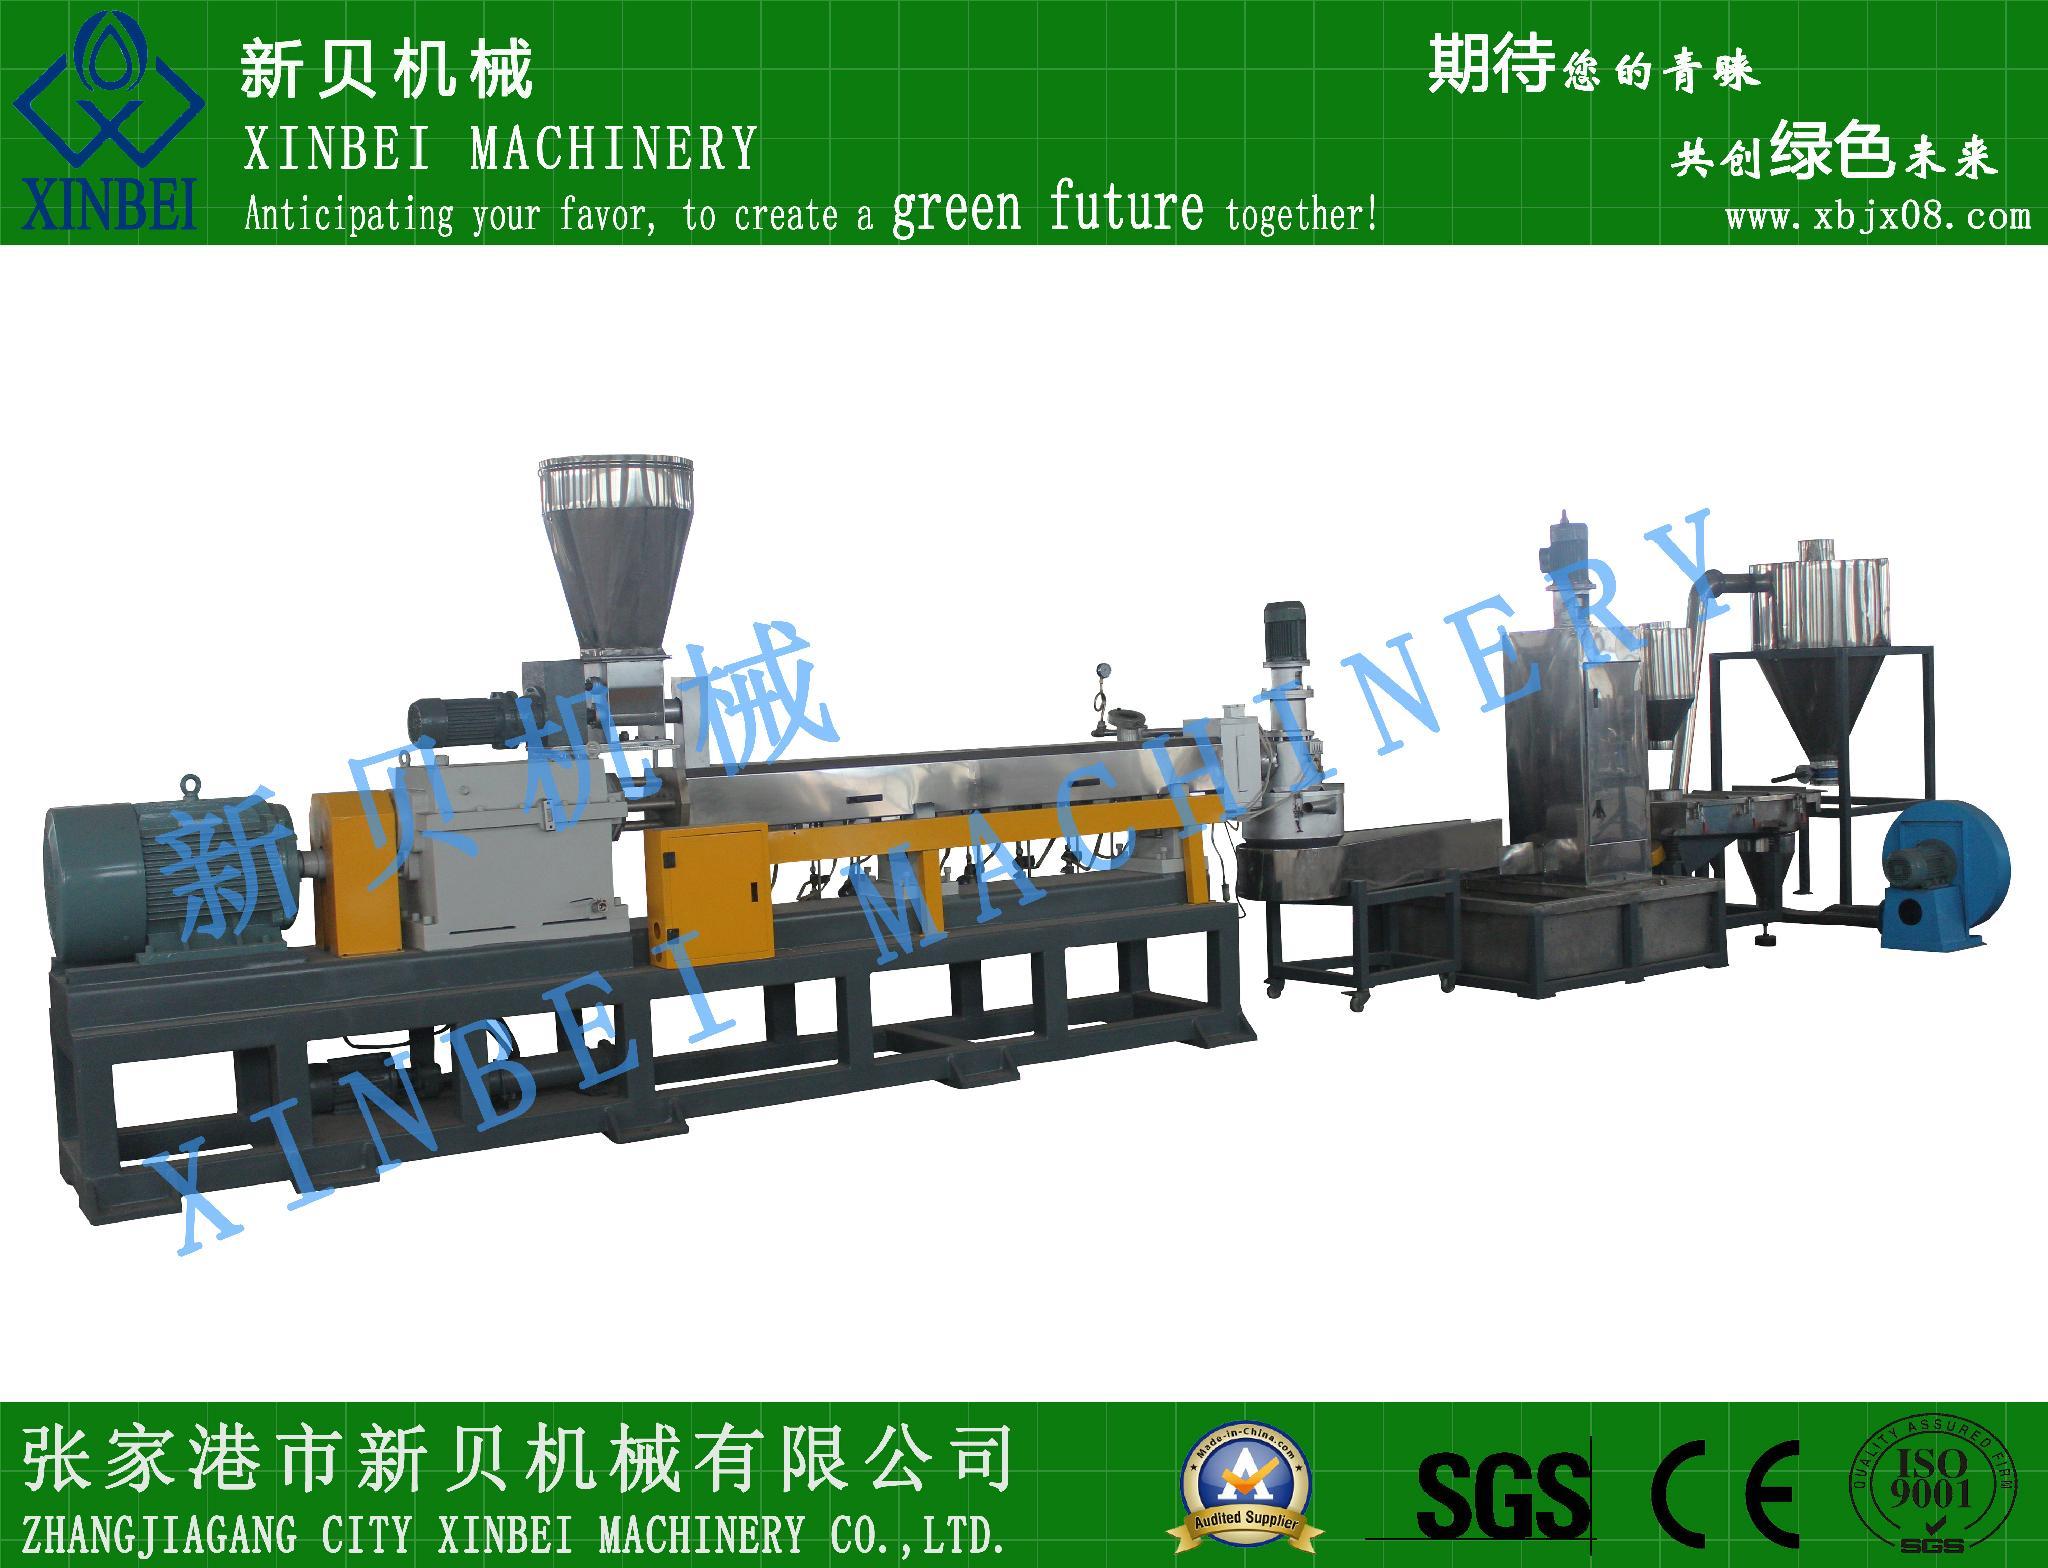 供應新貝機械噸包袋高效單螺杆造粒生產線 5